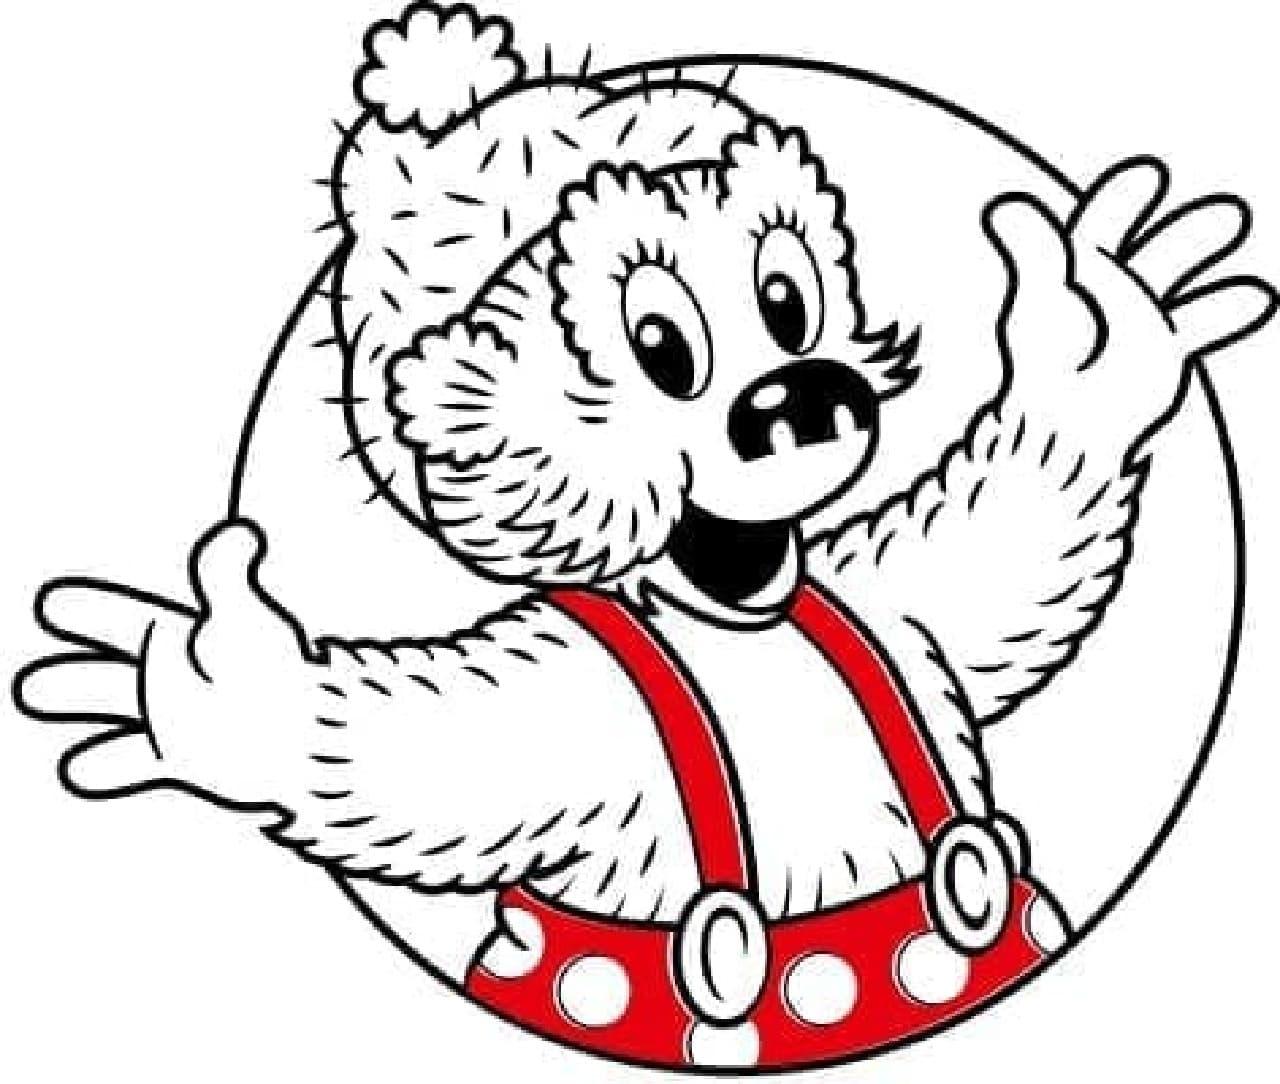 クマのキャラクター「ラスムス クルンプ」